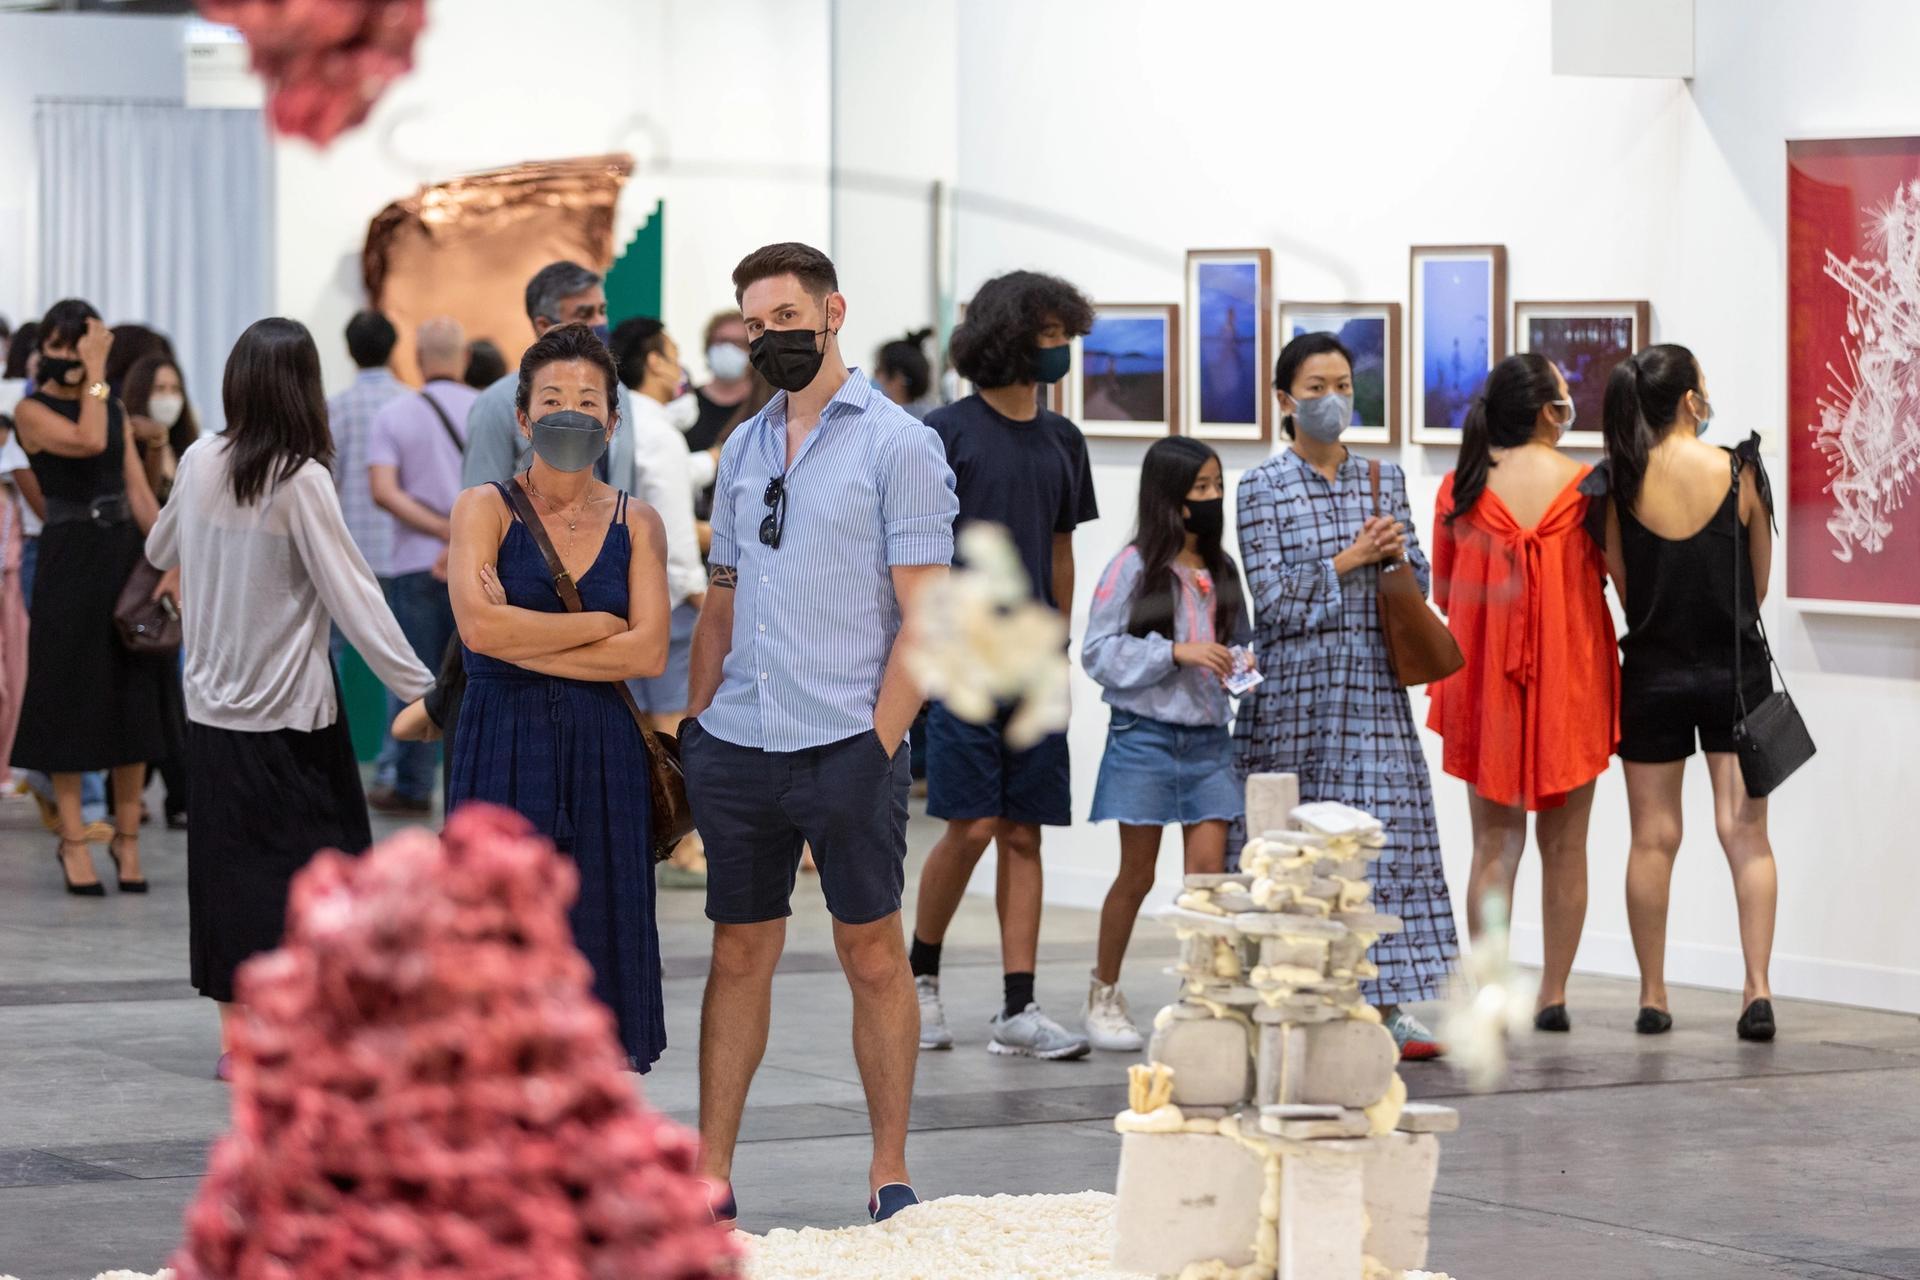 Art Basel Hong Kong was at full Covid capacity on its opening VIP day © Art Basel